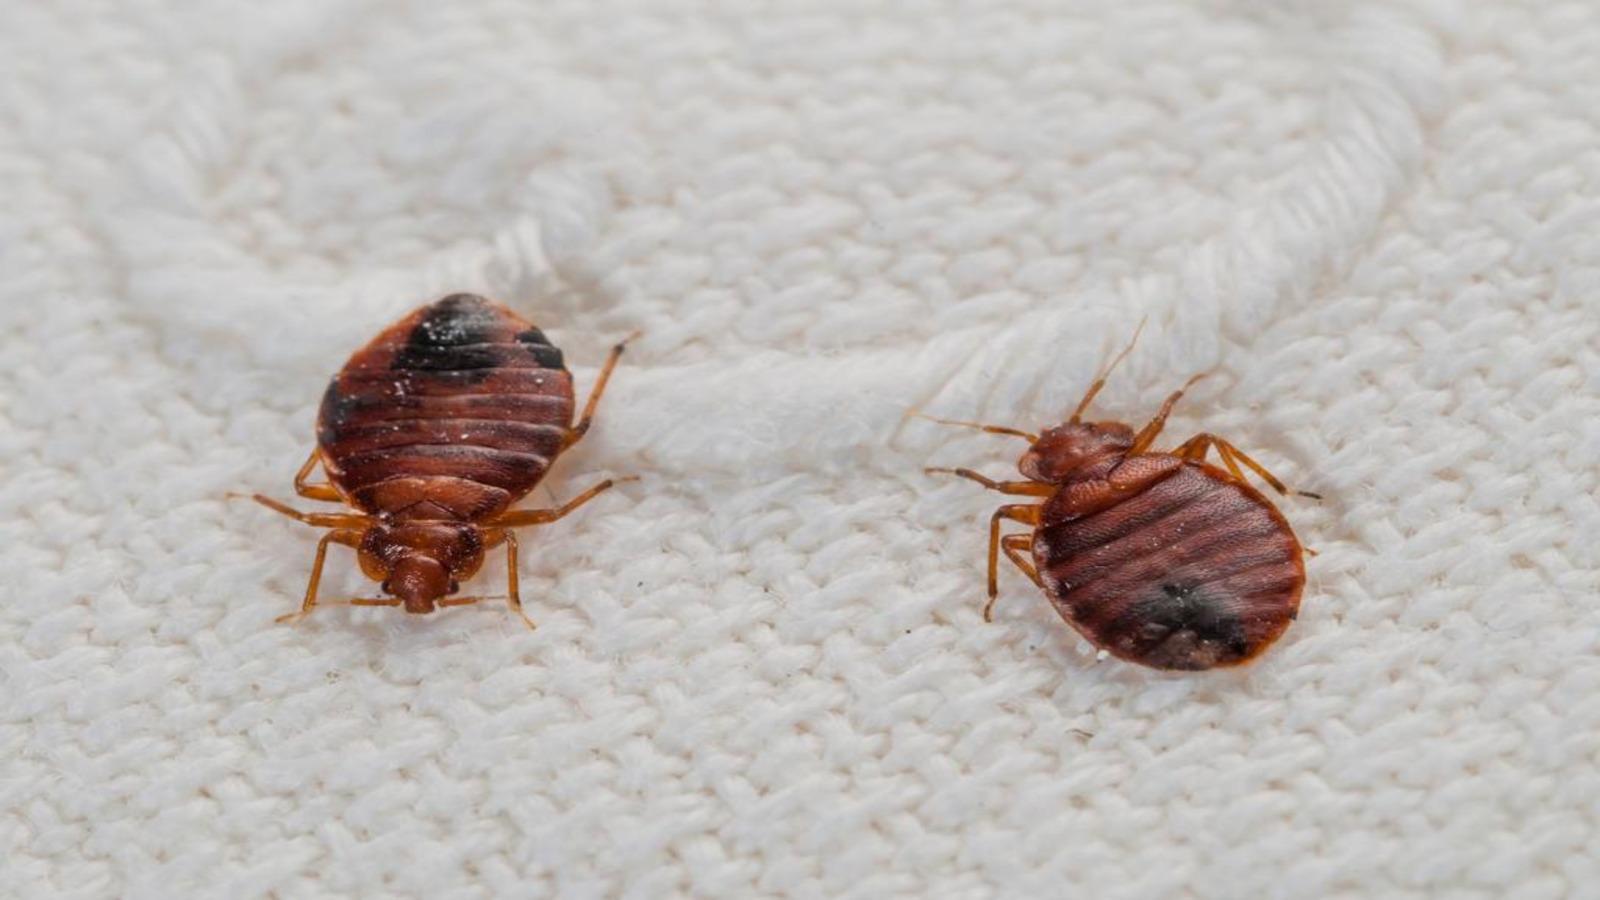 Укусы постельных клещей на человеке: как выглядят укусы? (фото)